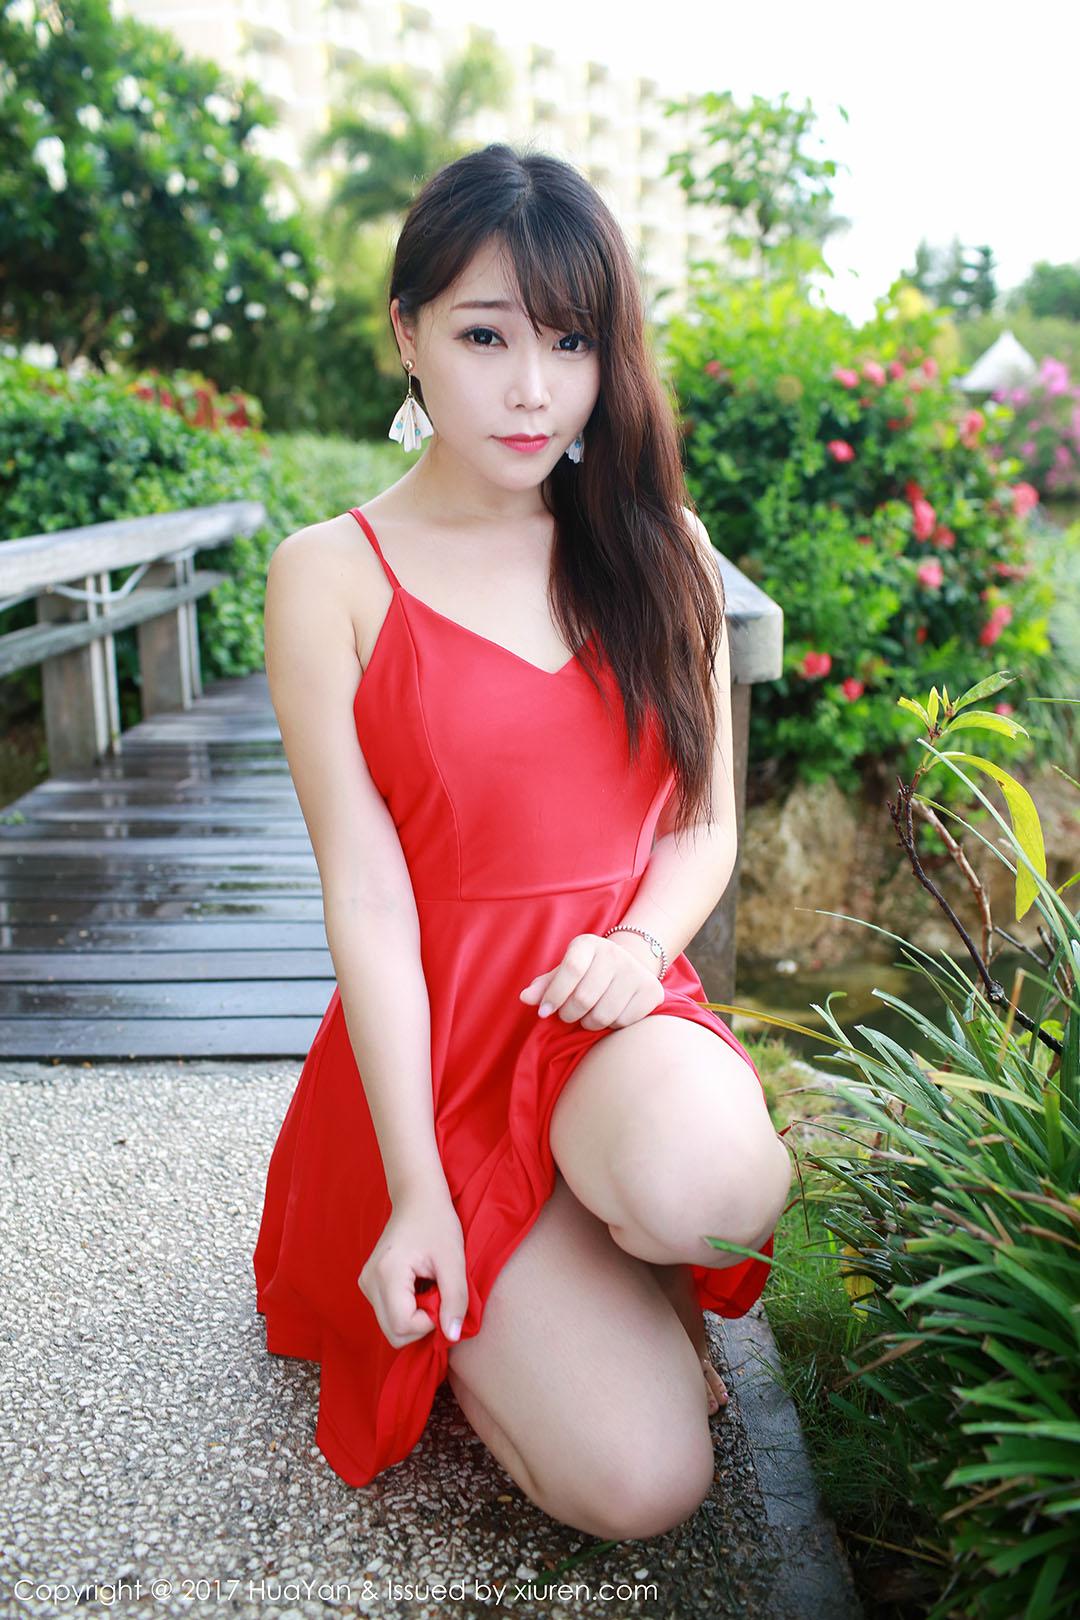 HuaYan 044